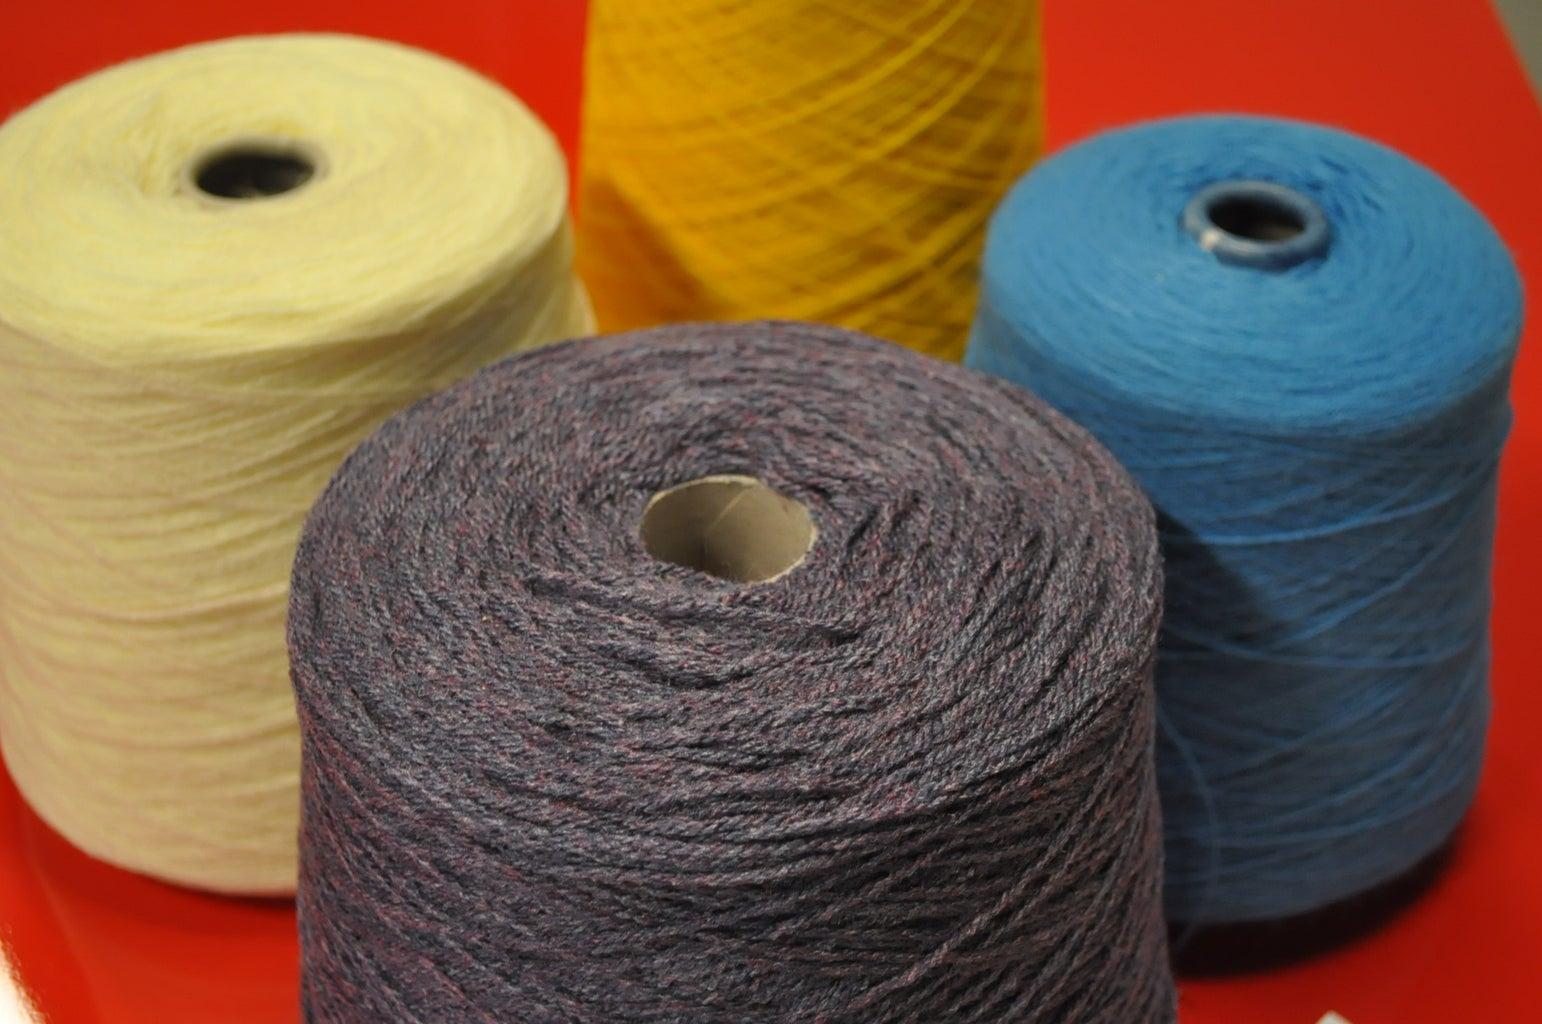 Preparing for Knitting